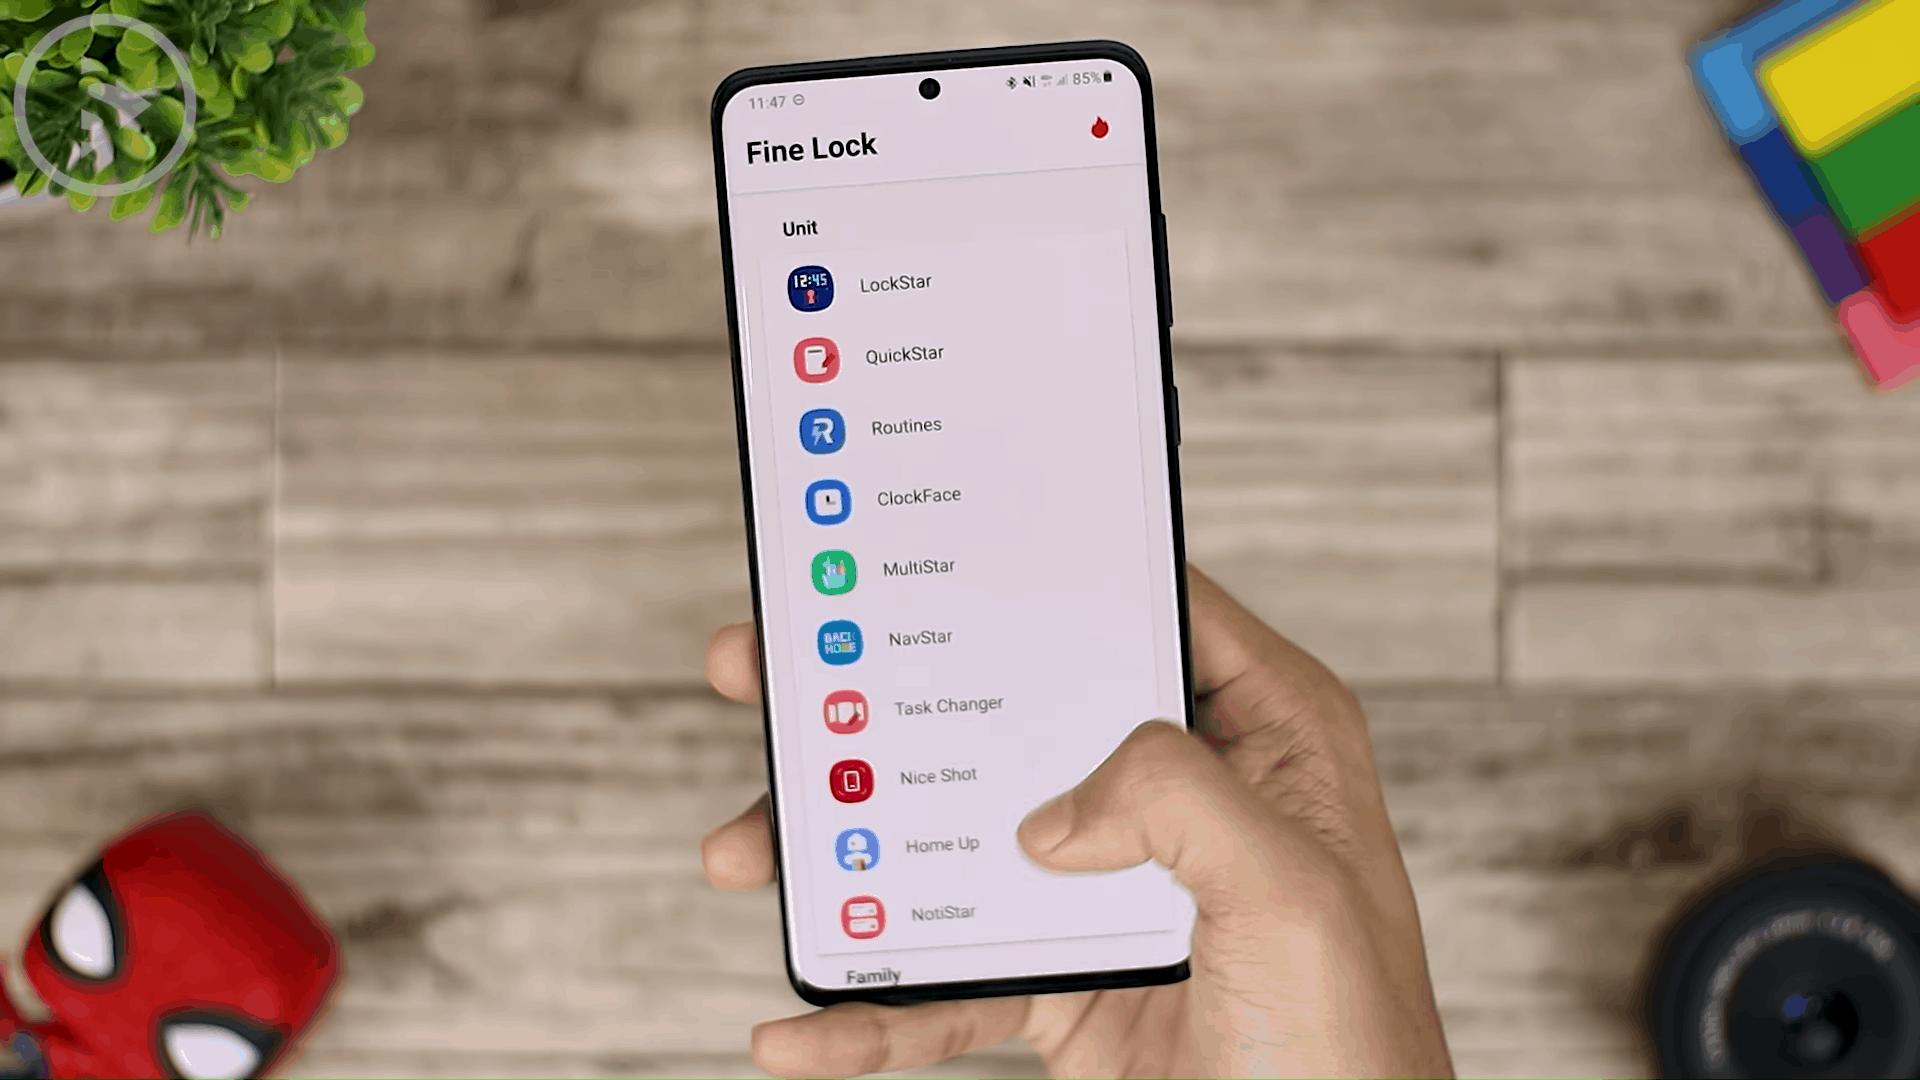 FineLock App - Tips Lengkap Cara Install GoodLock Terbaru 2021